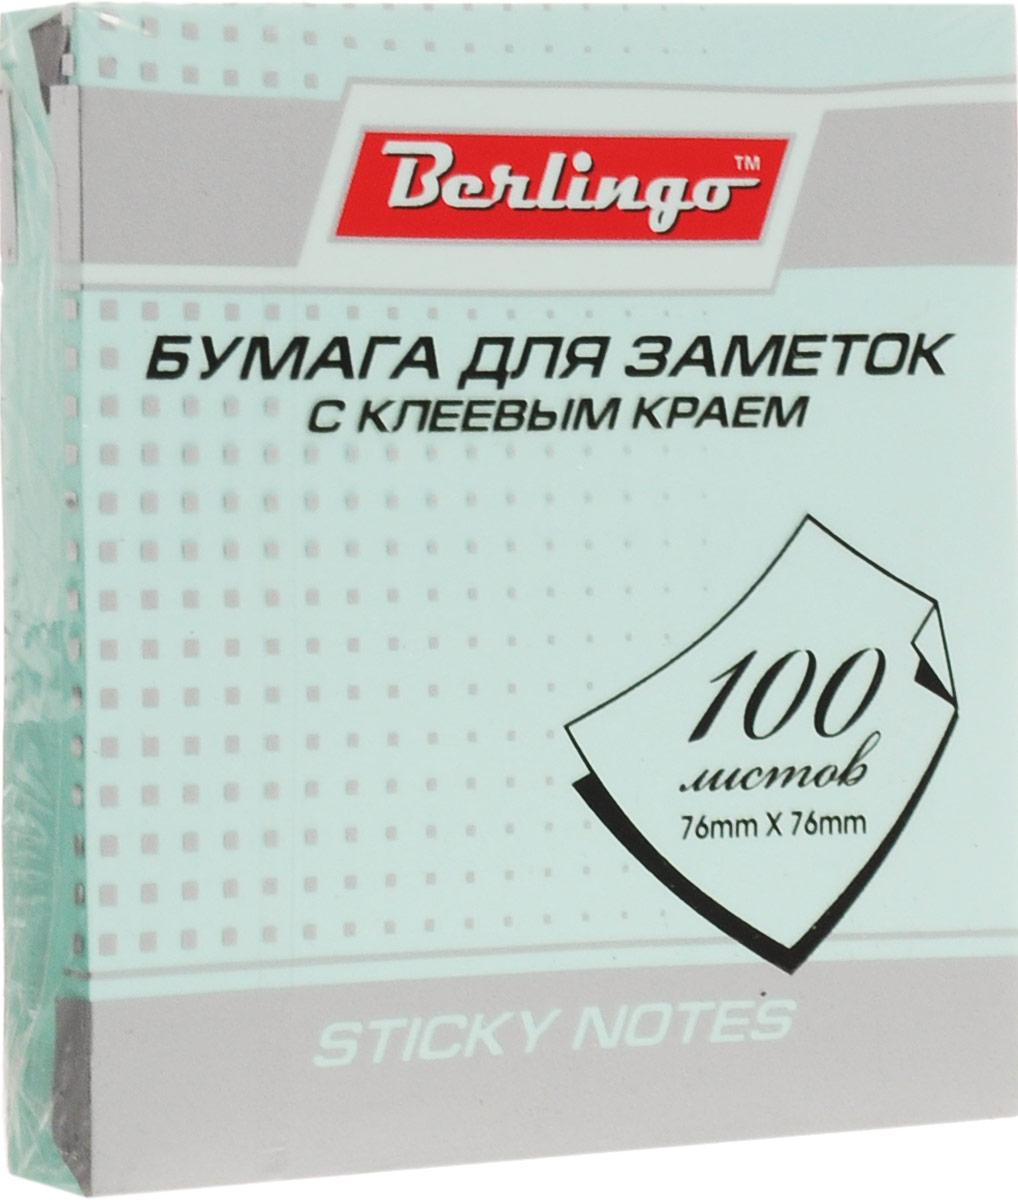 Berlingo Бумага для заметок с липким краем цвет светло-бирюзовый 7,6 х 7,6 см 100 листов